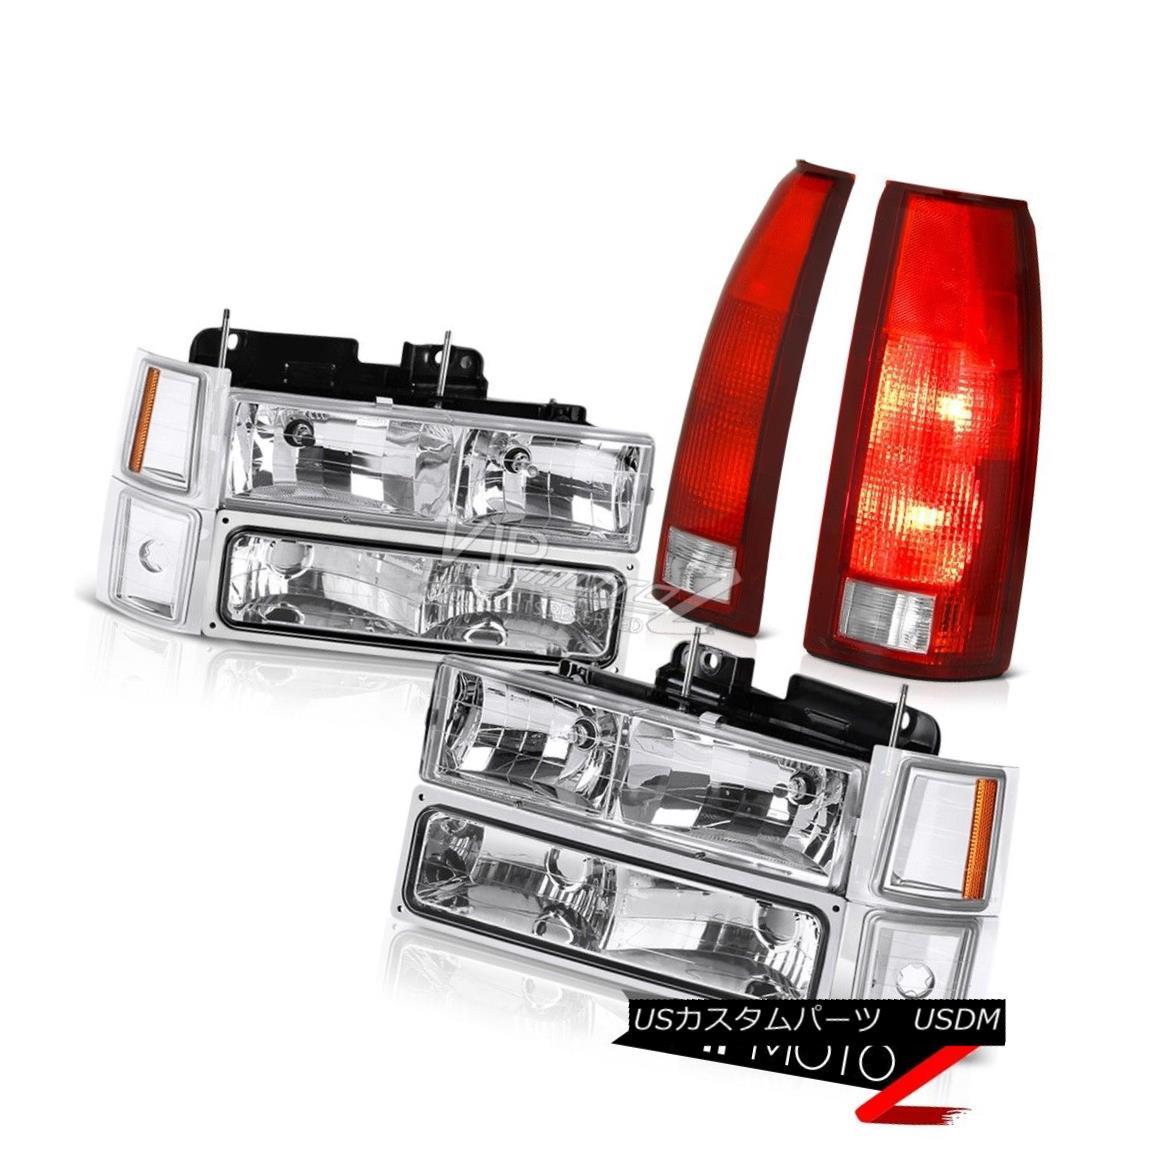 テールライト 94-98 Chevy K3500 Red Parking Brake Lights Crystal Clear 8Pcs Headlight Combo 94-98シボレーK3500レッドパーキングブレーキライトクリスタルクリア8PCSヘッドライトコンボ